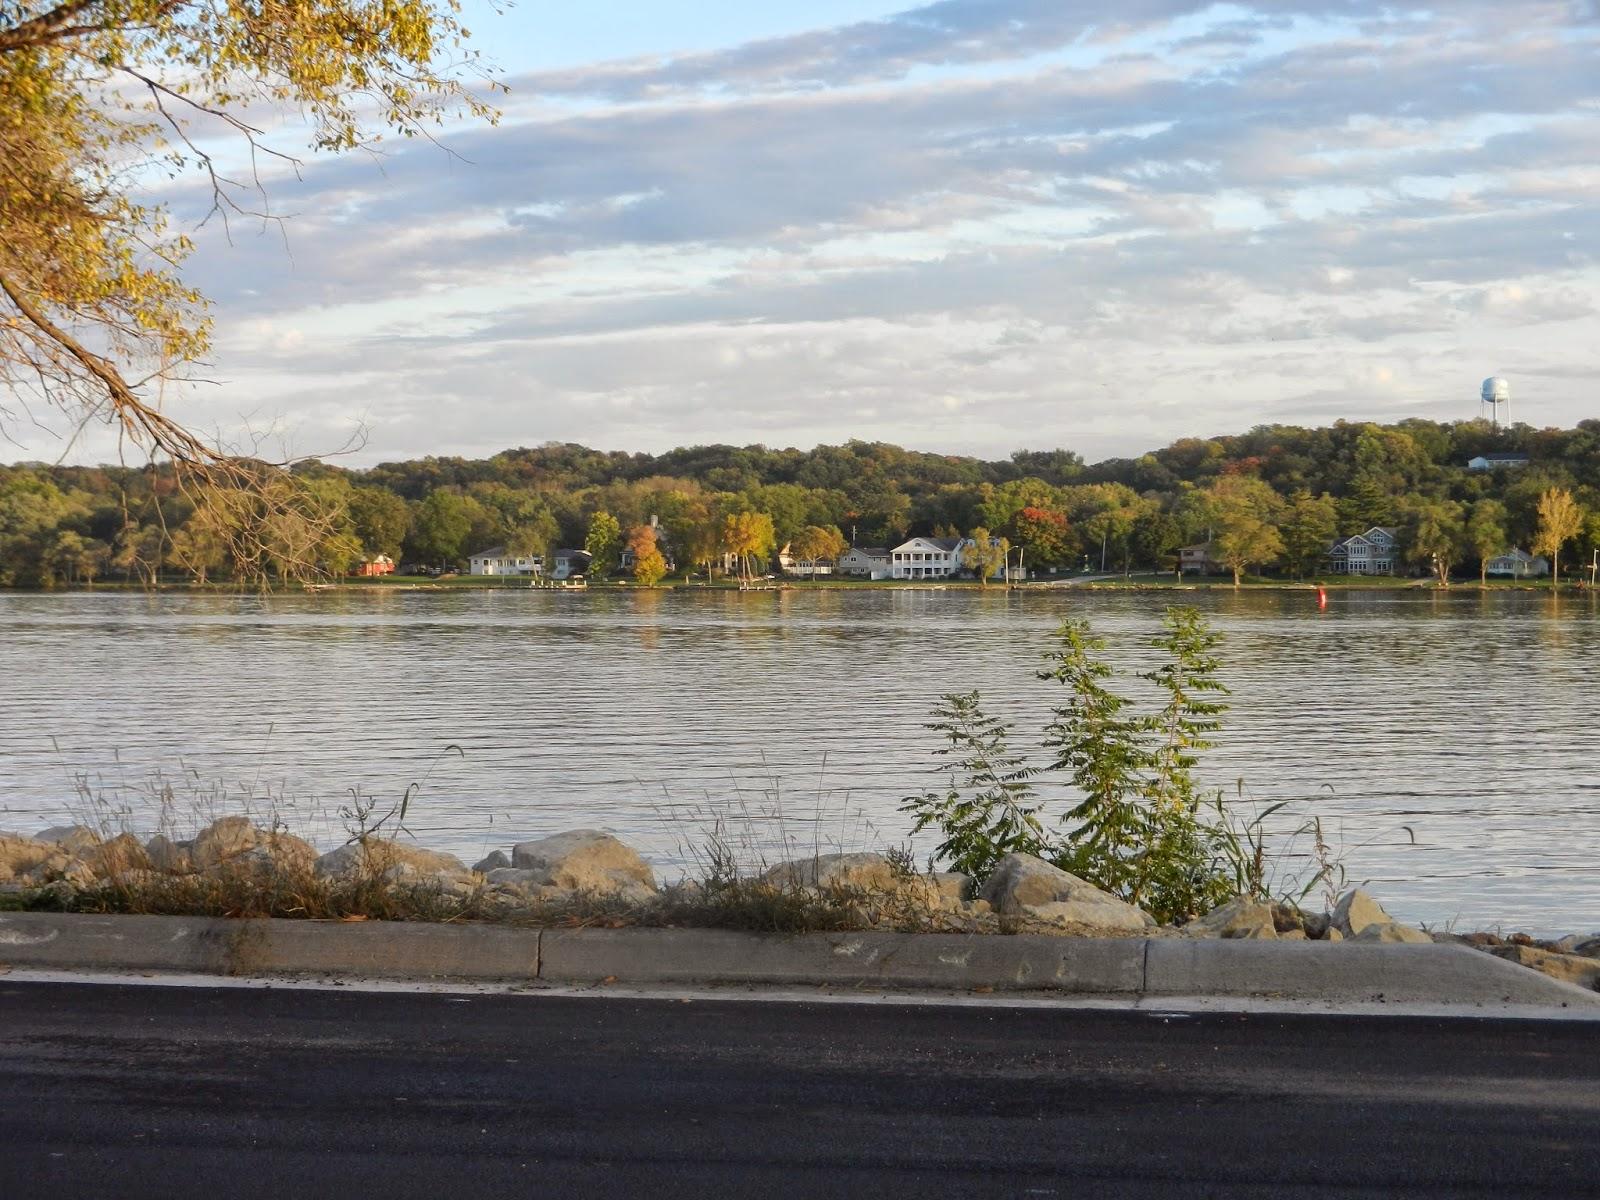 mississippi river leclaire illinois